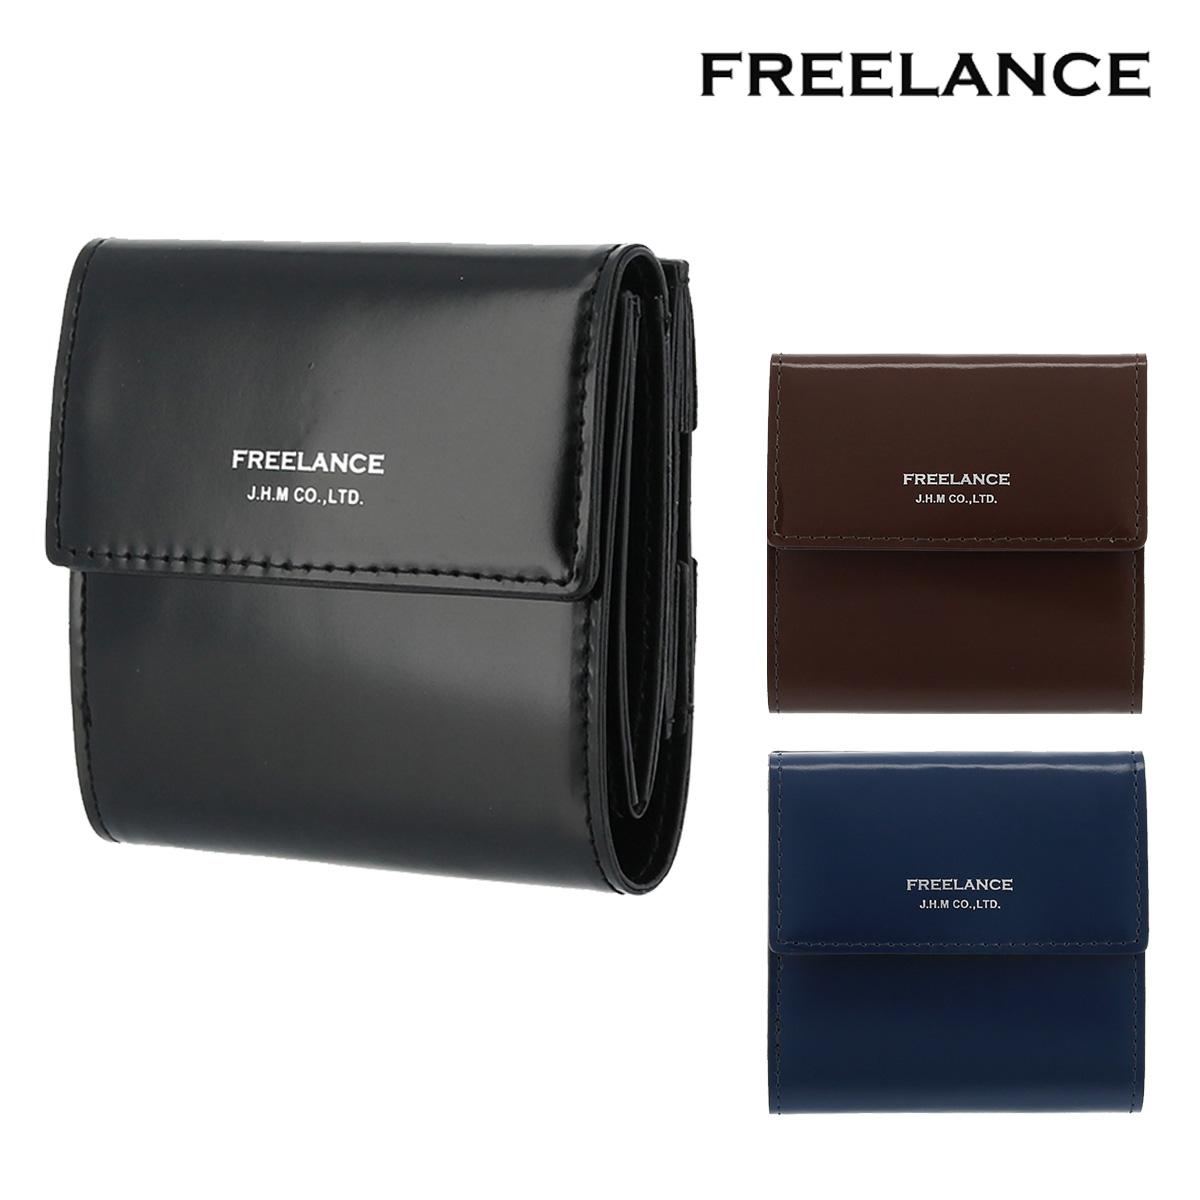 フリーランス 二つ折り財布 メンズ | FL-098 FREELANCE | ミニ財布 本革 レザー ブランド専用BOX付き[PO5][bef][即日発送]